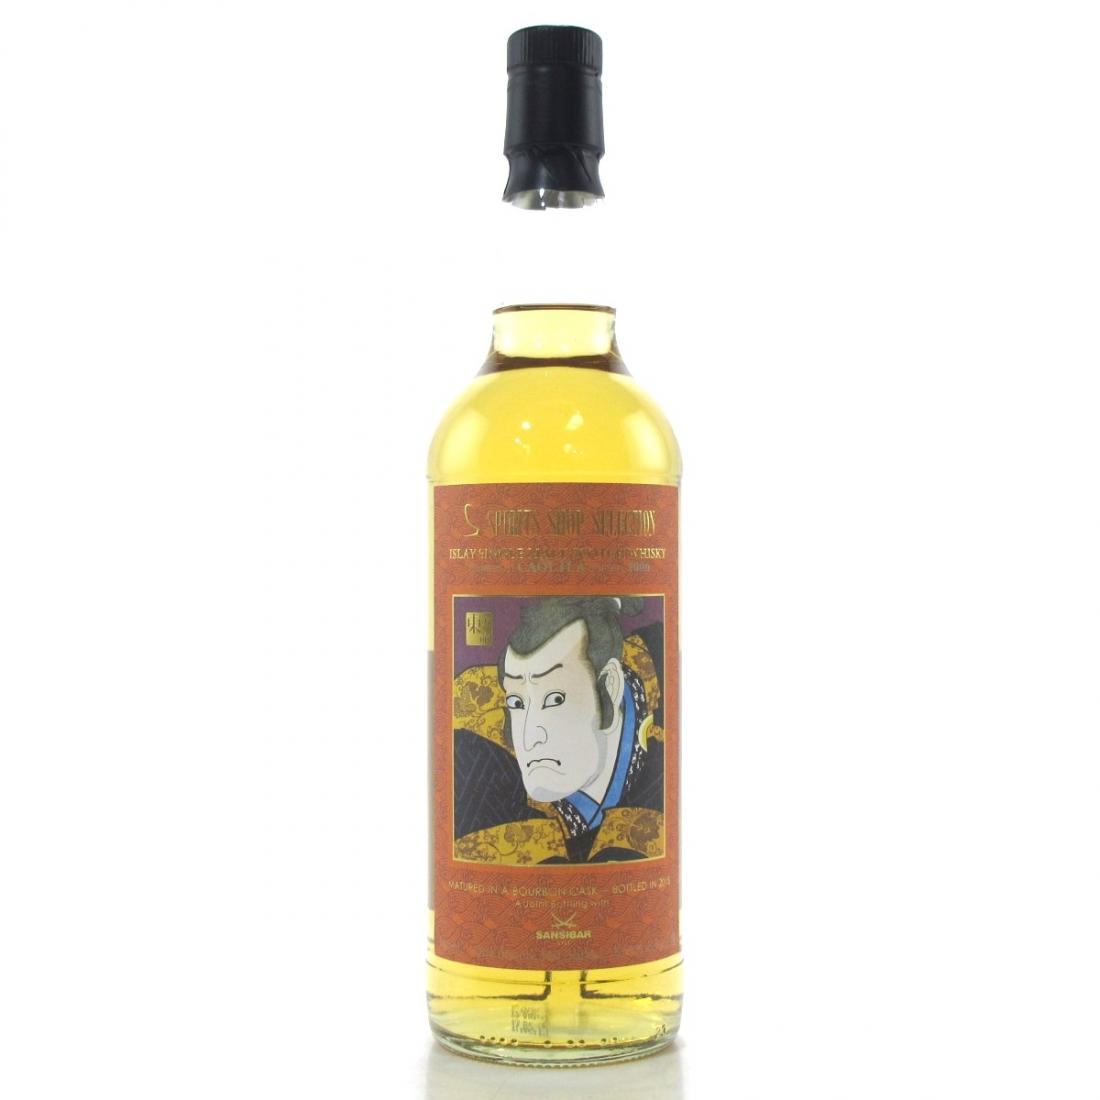 Caol Ila 2006 Sansibar 9 Year Old / Spirits Shop' Selection